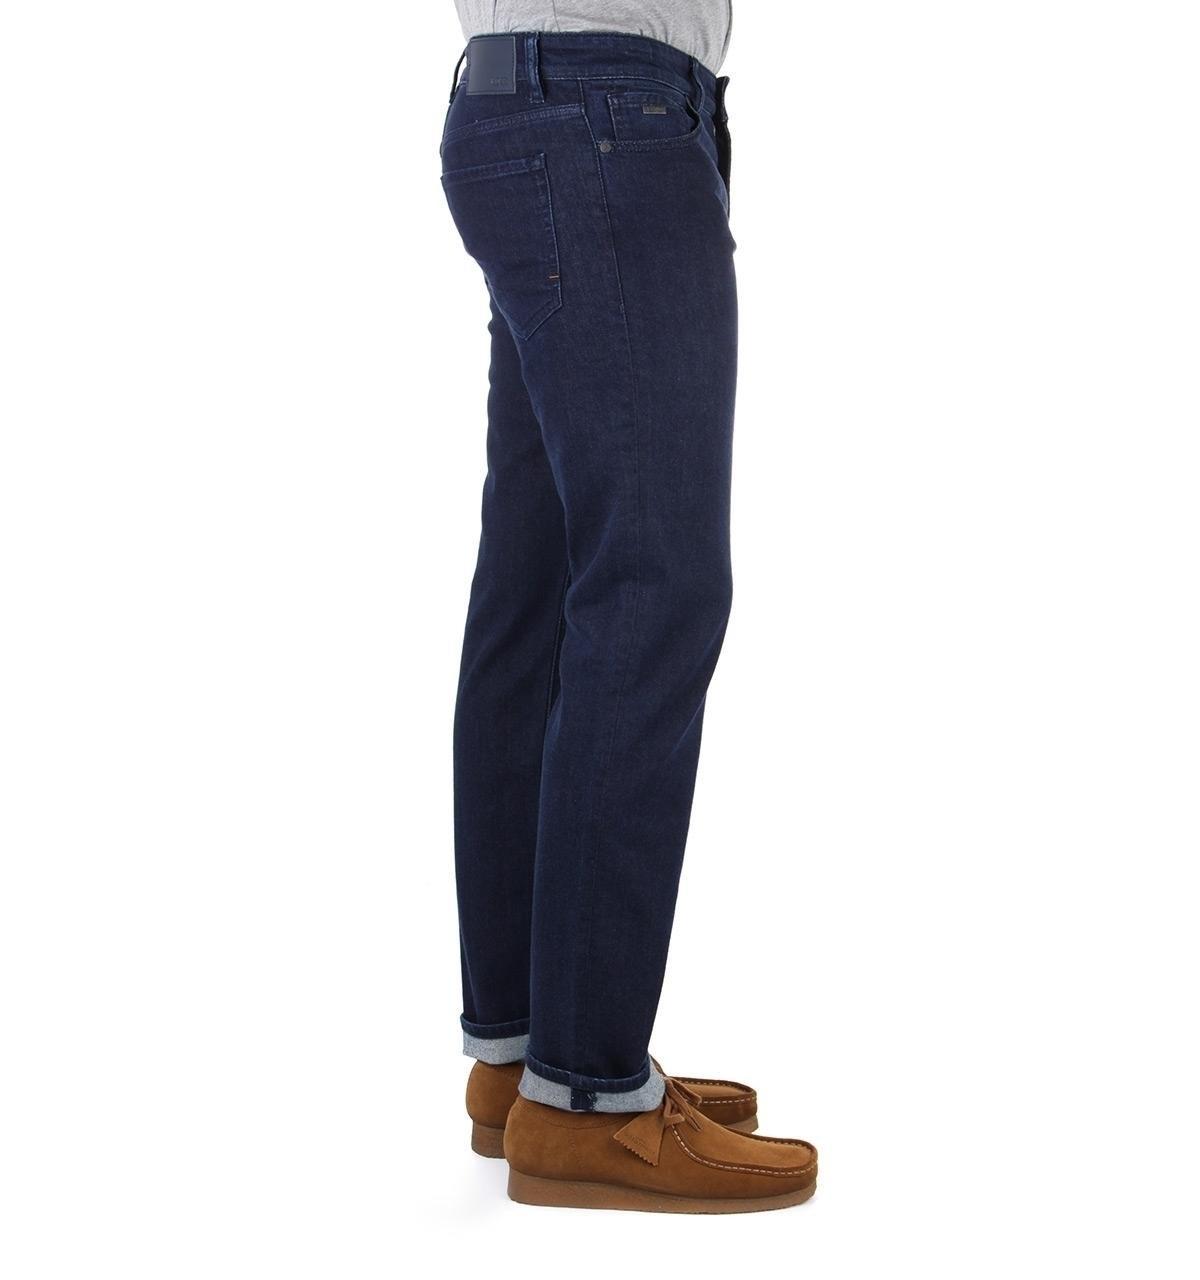 e27635ea1292 BOSS by Hugo Boss - Blue Boss Maine Indigo Royal Regular Fit Jeans for Men  -. View fullscreen